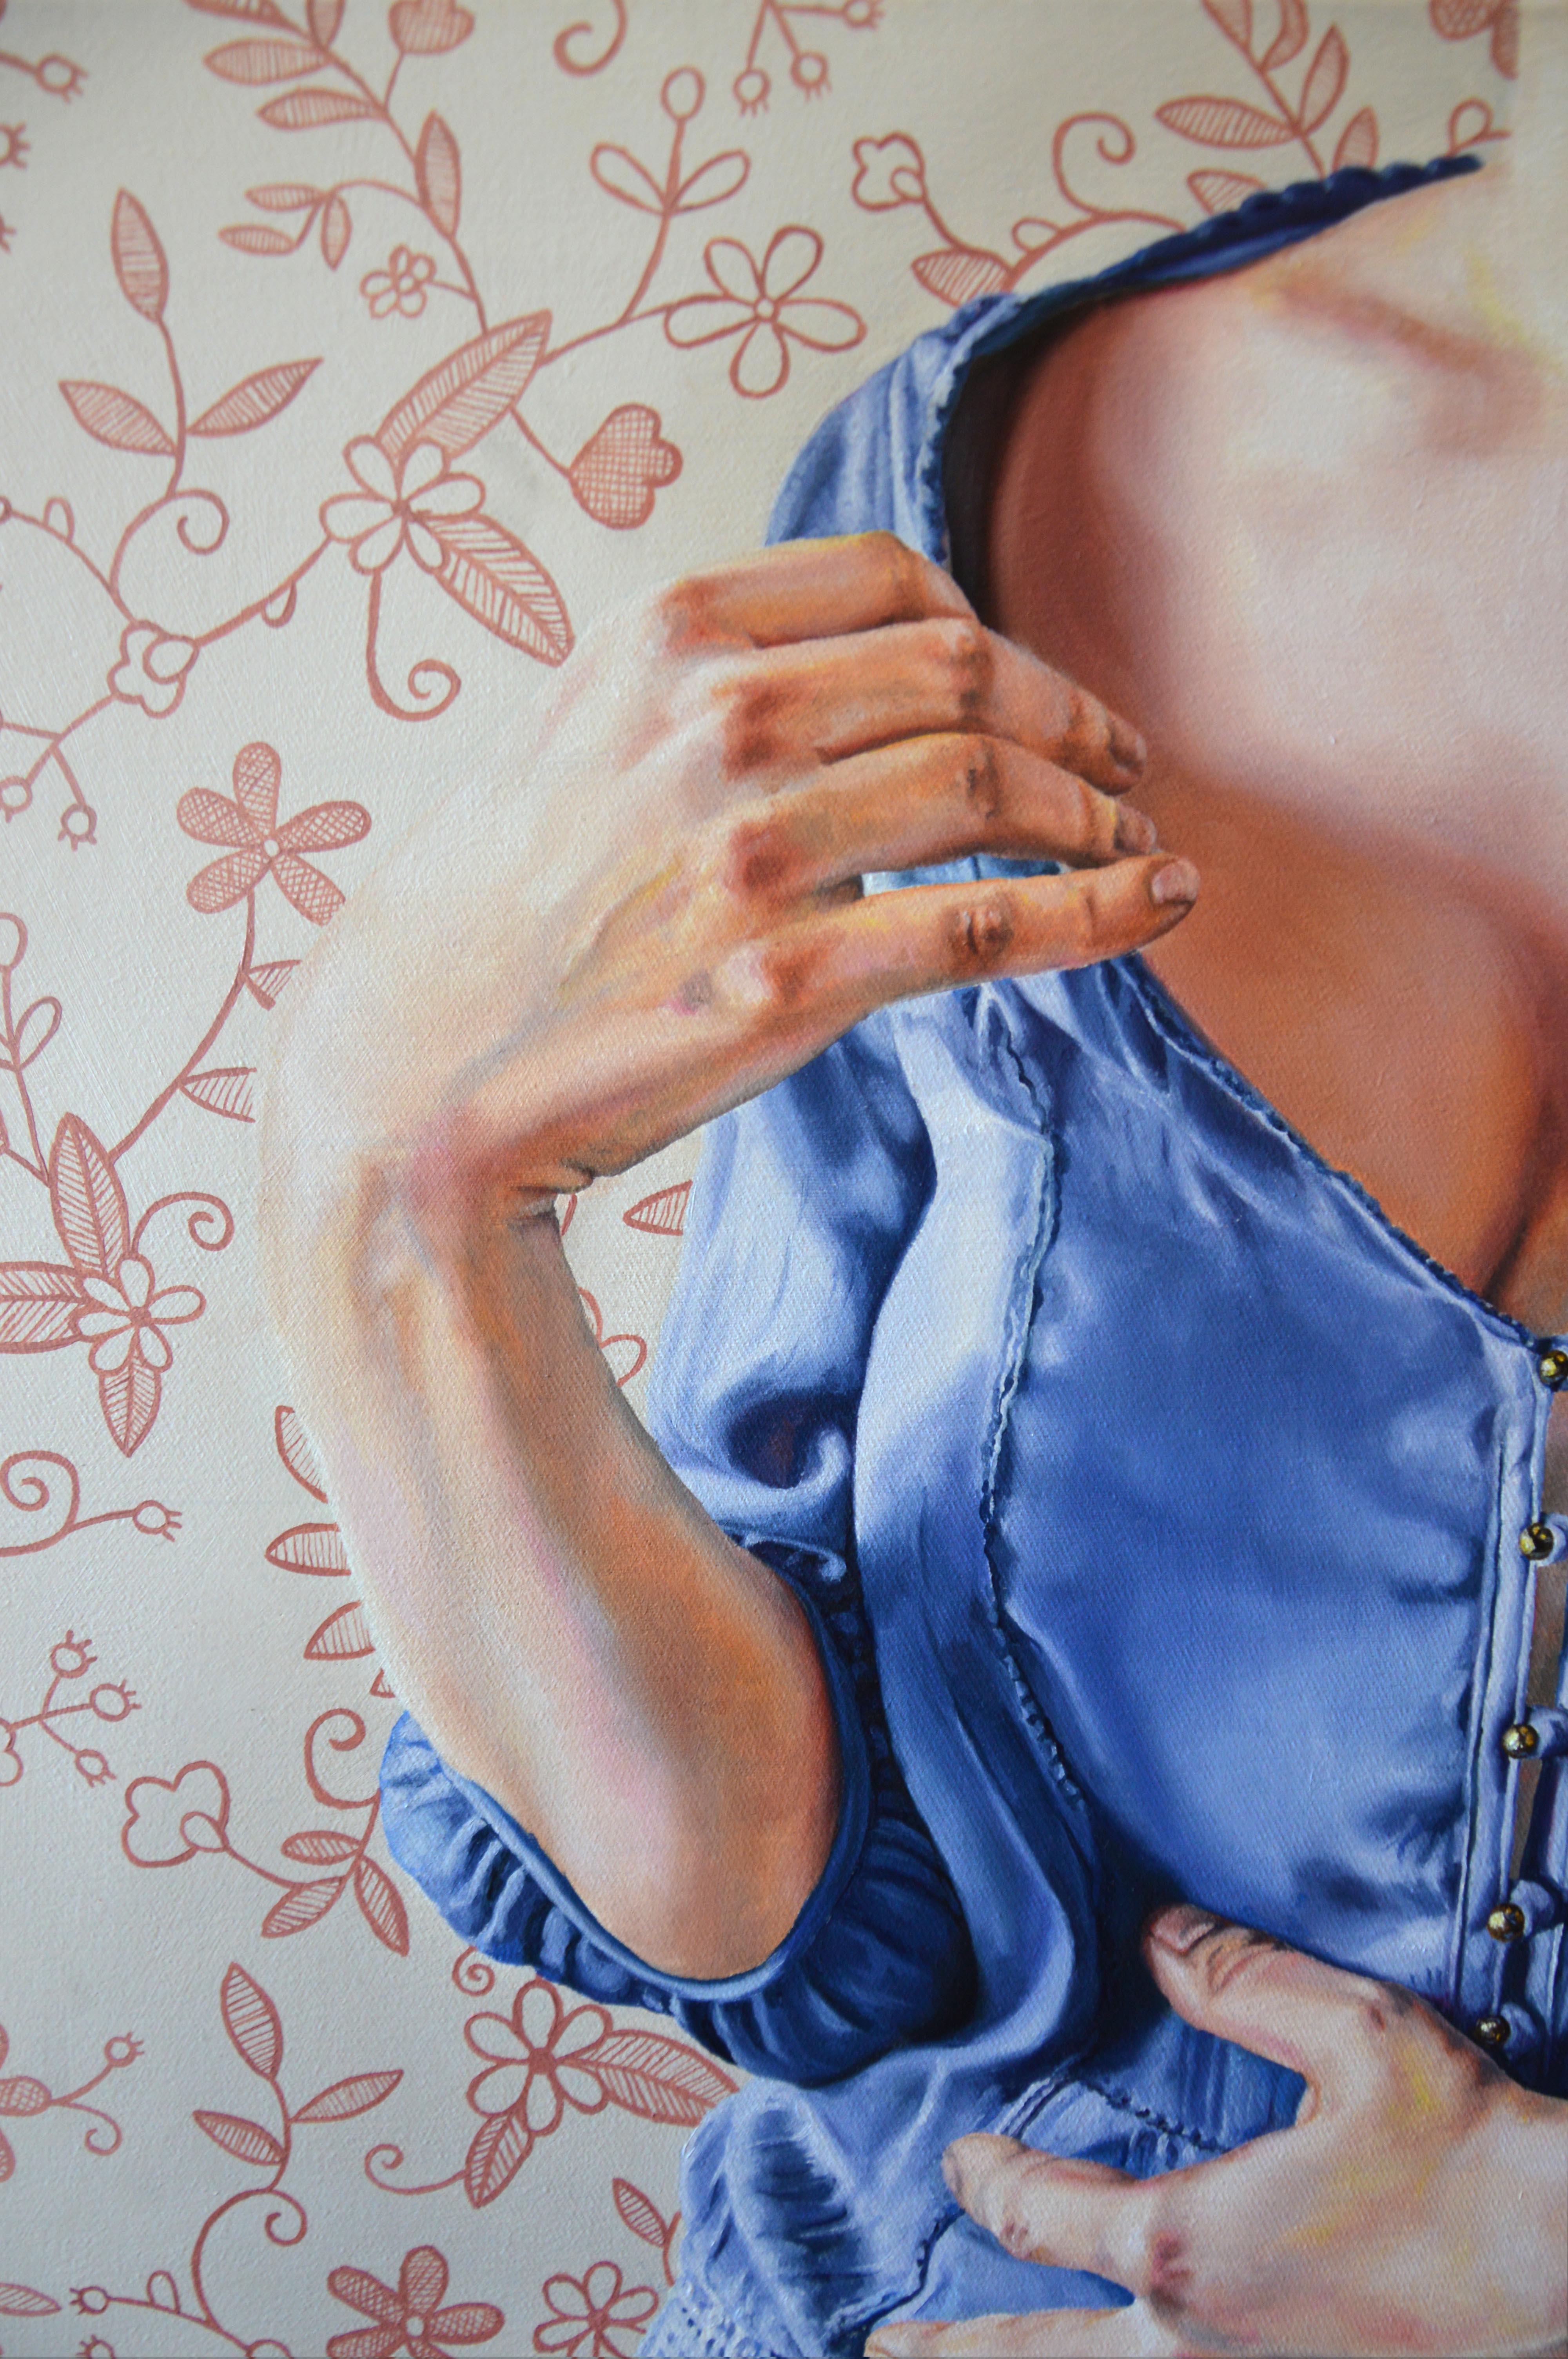 malerier, farverige, figurative, pop, kroppe, mønstre, mennesker, seksualitet, beige, blå, guld, pastel, røde,  bomuldslærred, olie, smukke, tøj, samtidskunst, dekorative, erotiske, kvindelig, feminist, interiør, bolig-indretning, moderne, moderne-kunst, realisme, romantiske, kvinder, Køb original kunst og kunstplakater. Malerier, tegninger, limited edition kunsttryk & plakater af dygtige kunstnere.